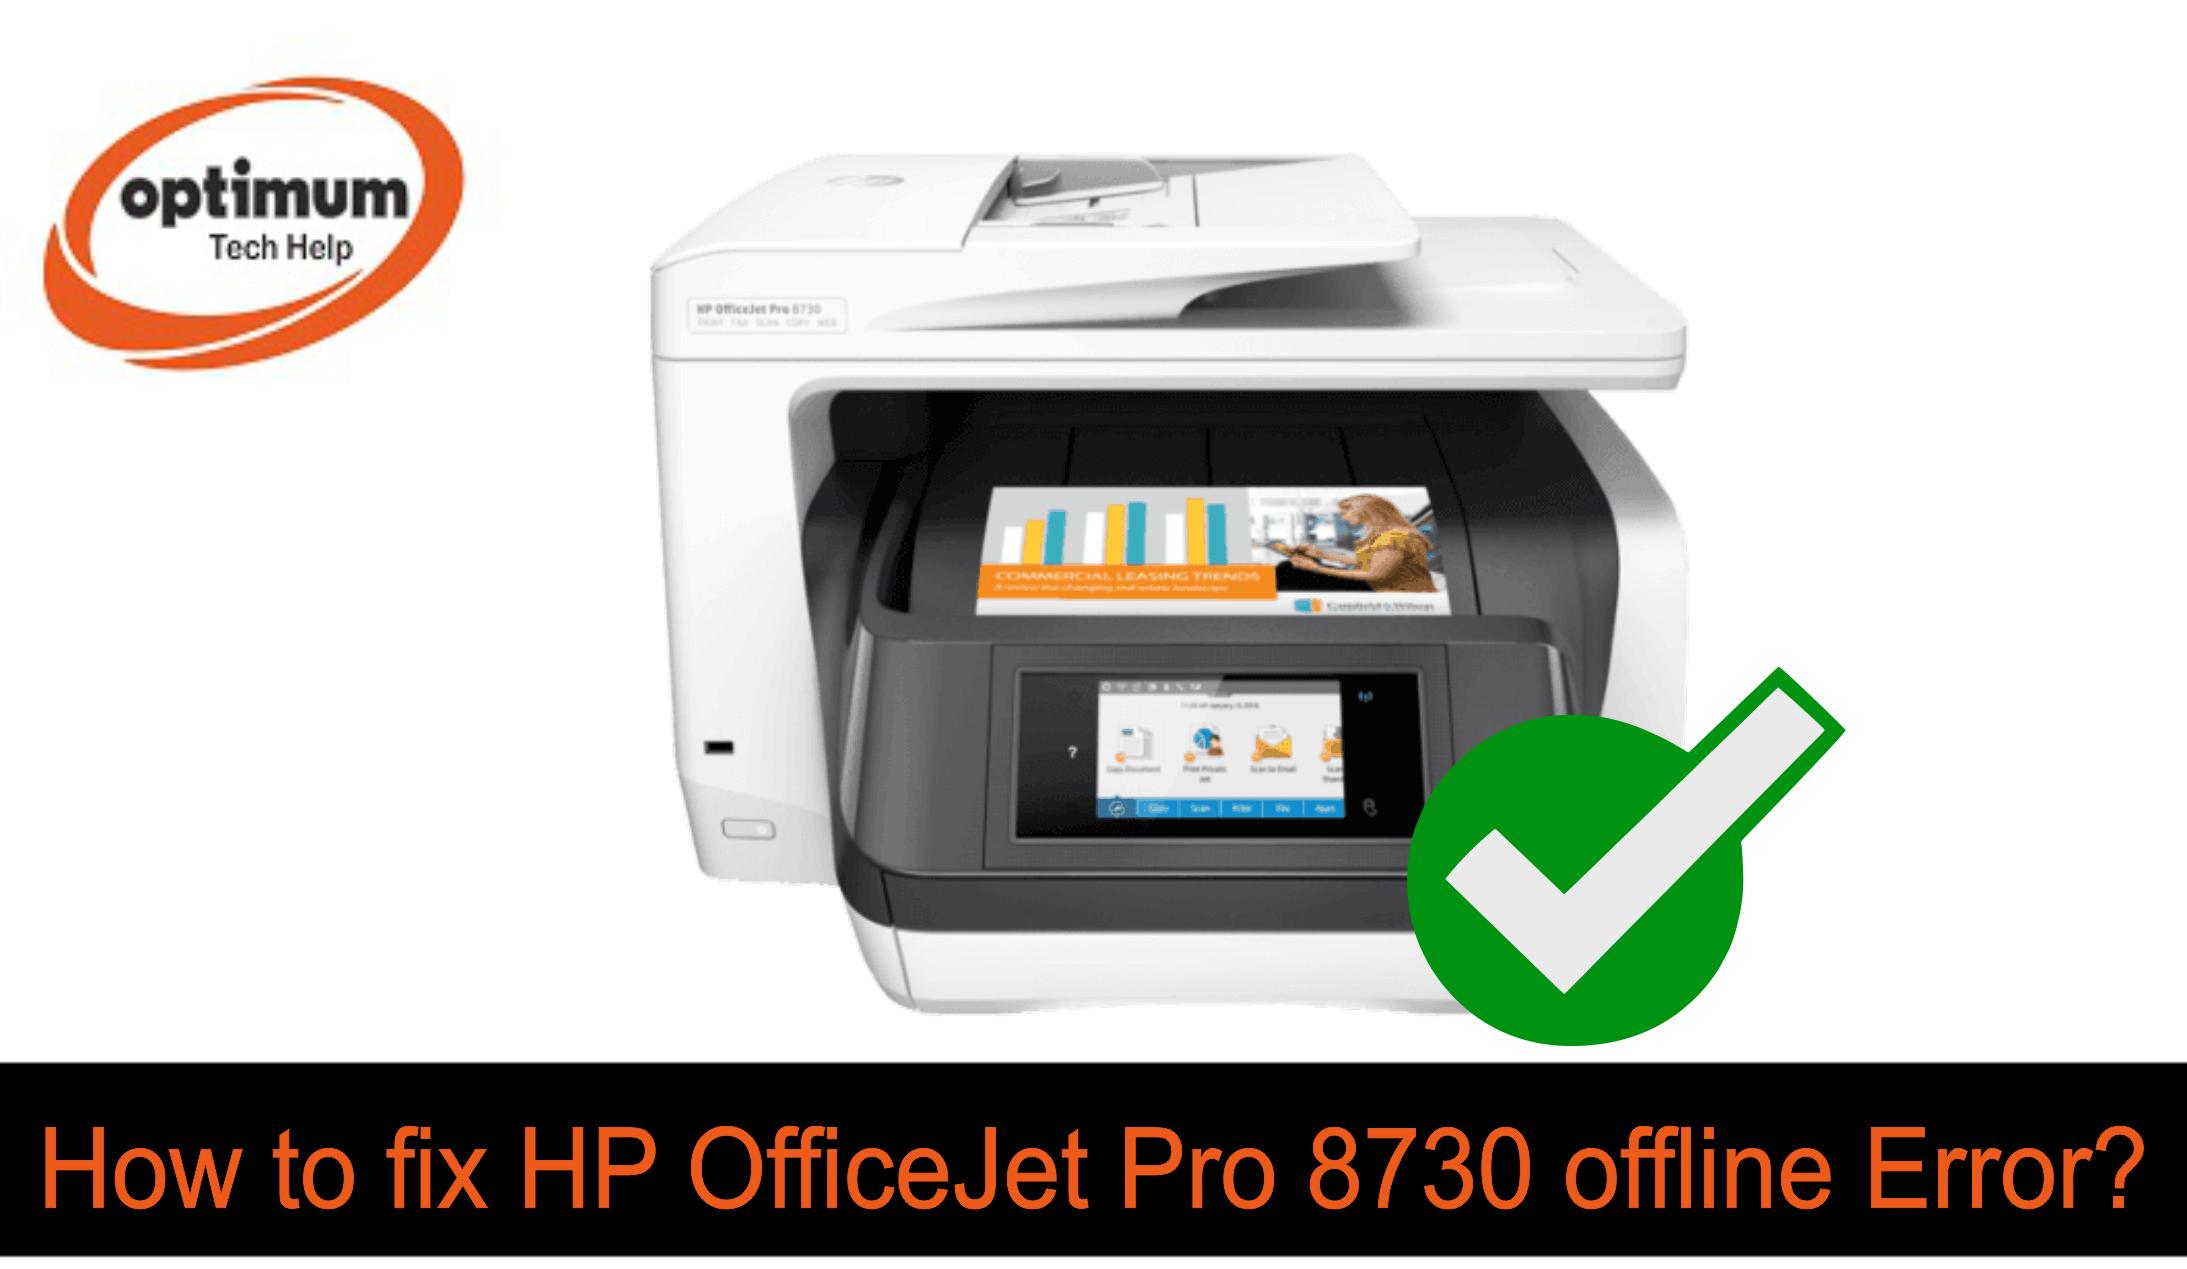 hp officejet pro 8730 offline